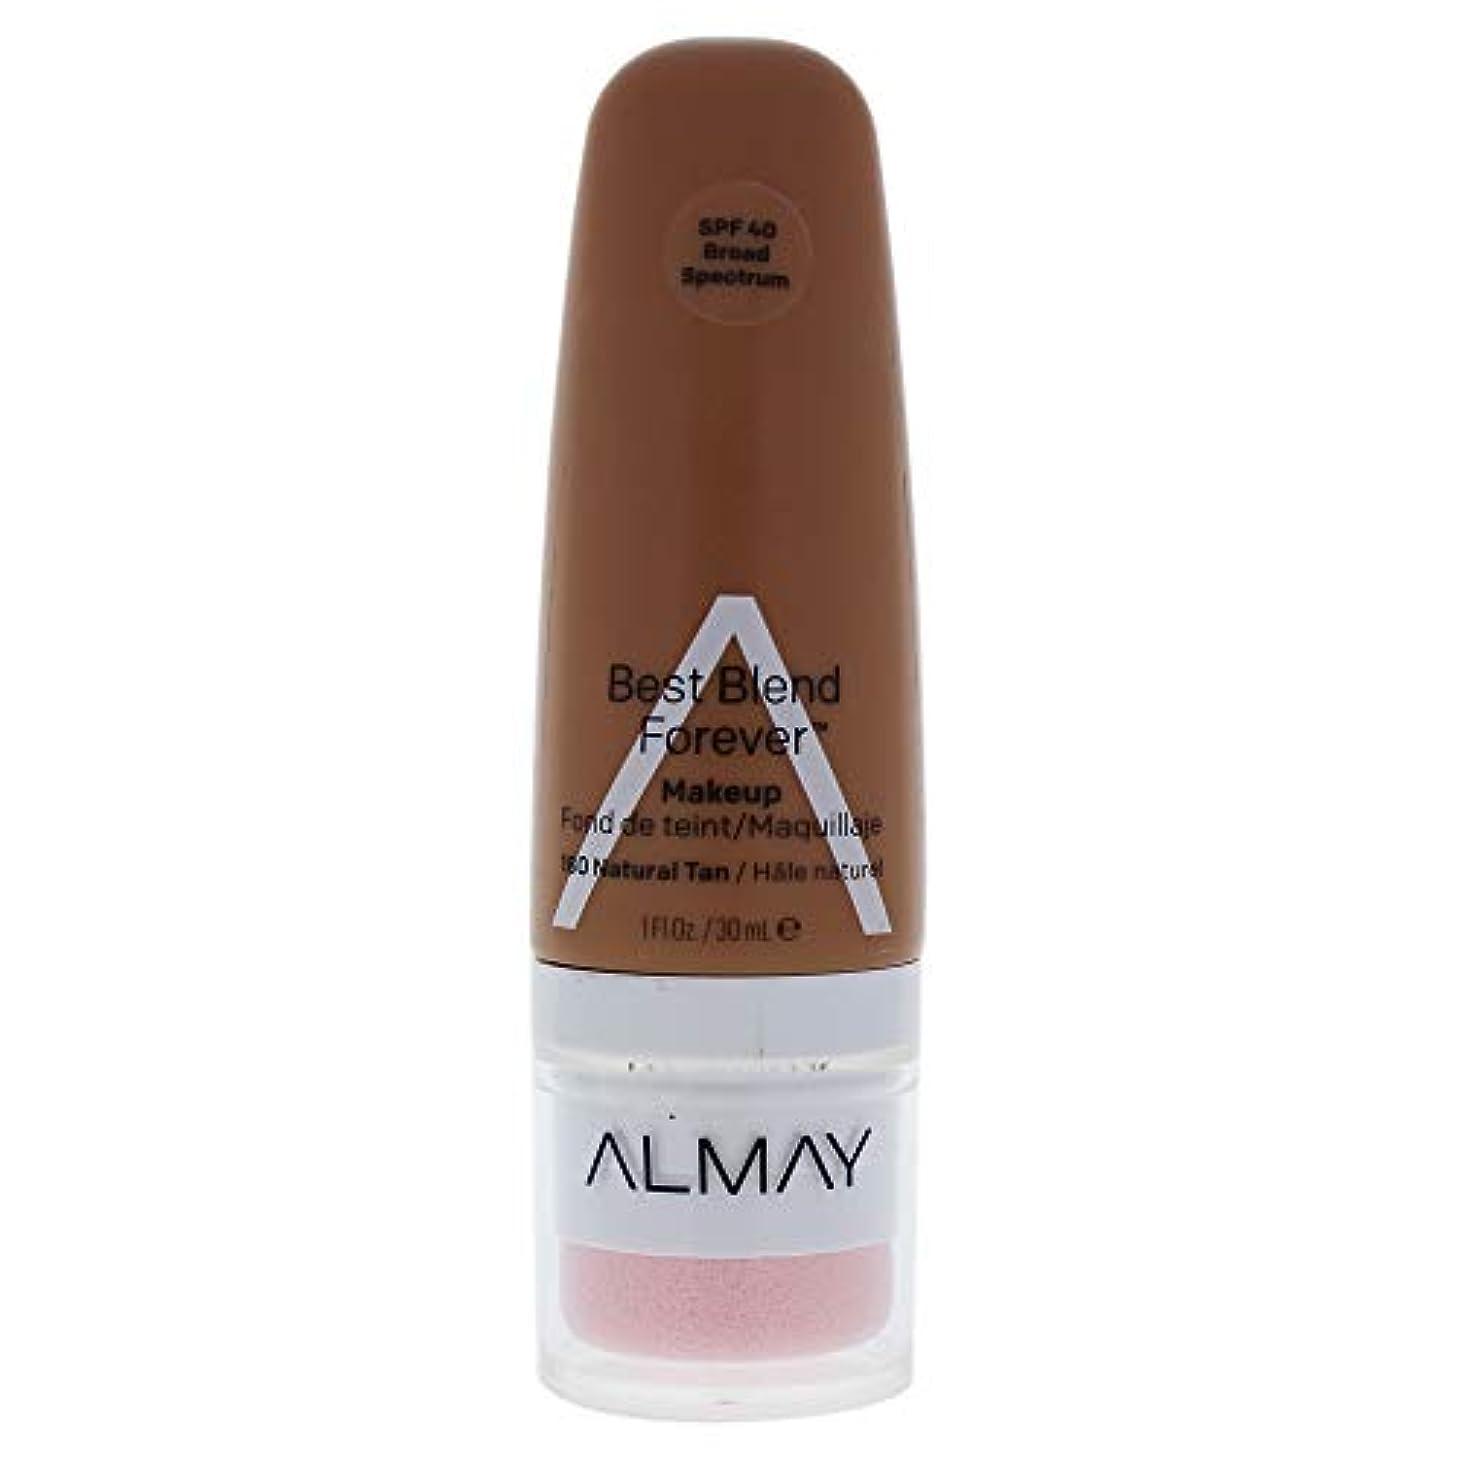 気難しい悲惨な廃止Almay Best Blend Forever, 180 Natural Tan, 30 ml